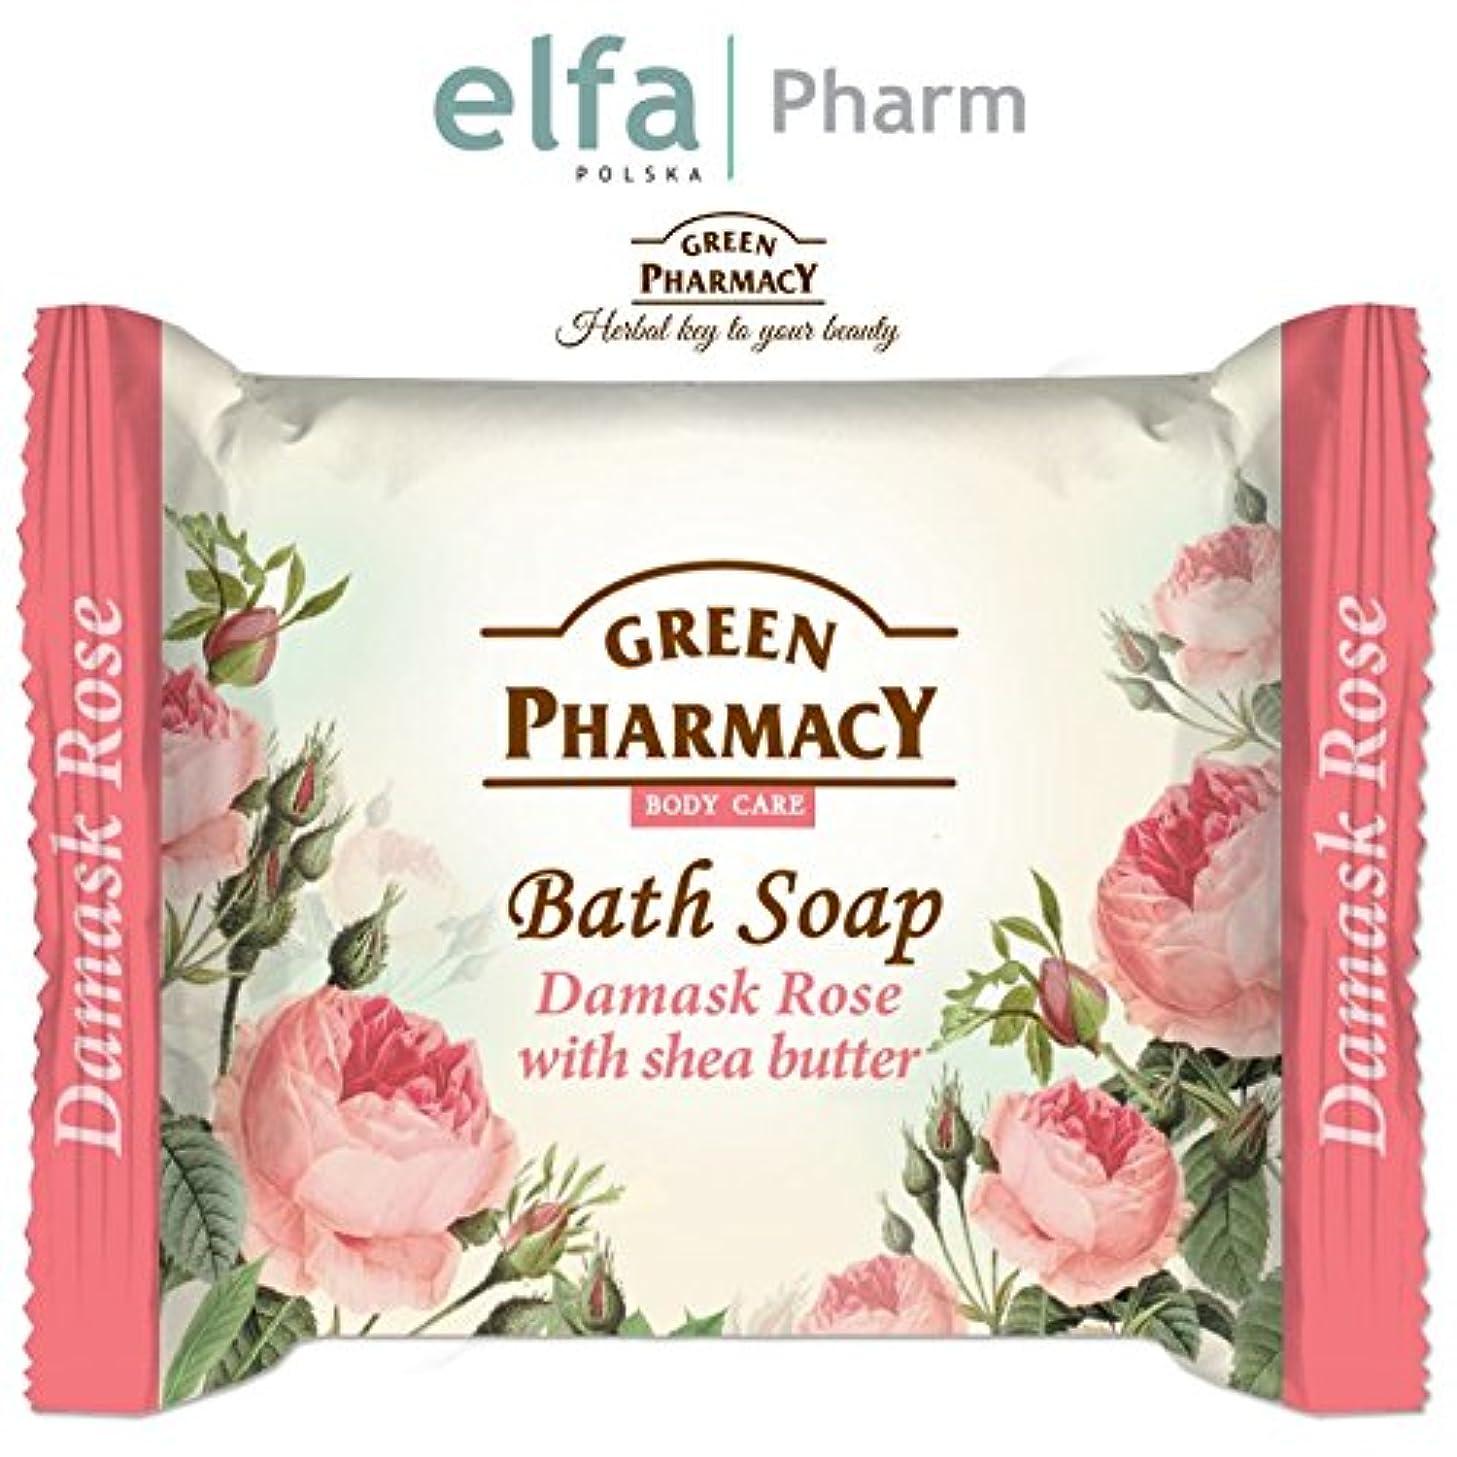 頑張る性的米国石鹸 固形 安心?安全 古代からのハーブの知識を生かして作られた固形せっけん ポーランドのグリーンファーマシー elfa Pharm Green Pharmacy Bath Soap Damask Rose with Shea...